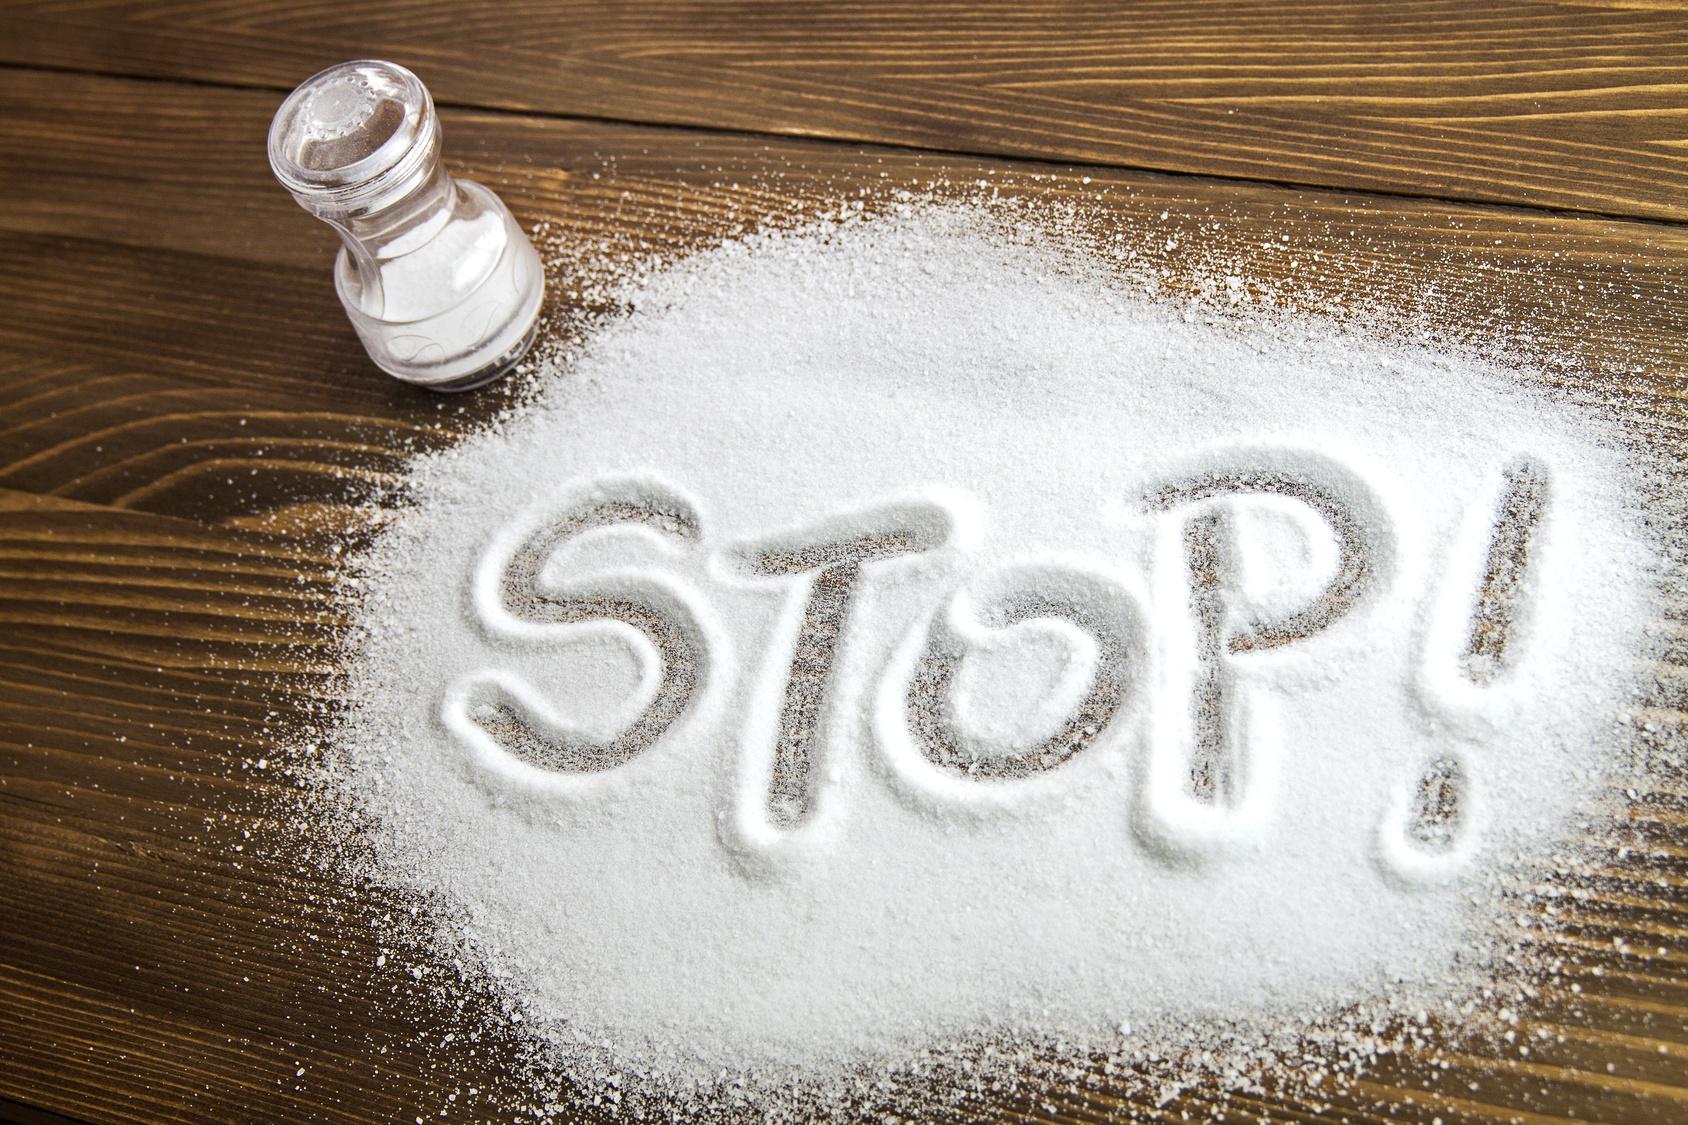 Πότε η κατανάλωση αλατιού επηρεάζει την καρδιά